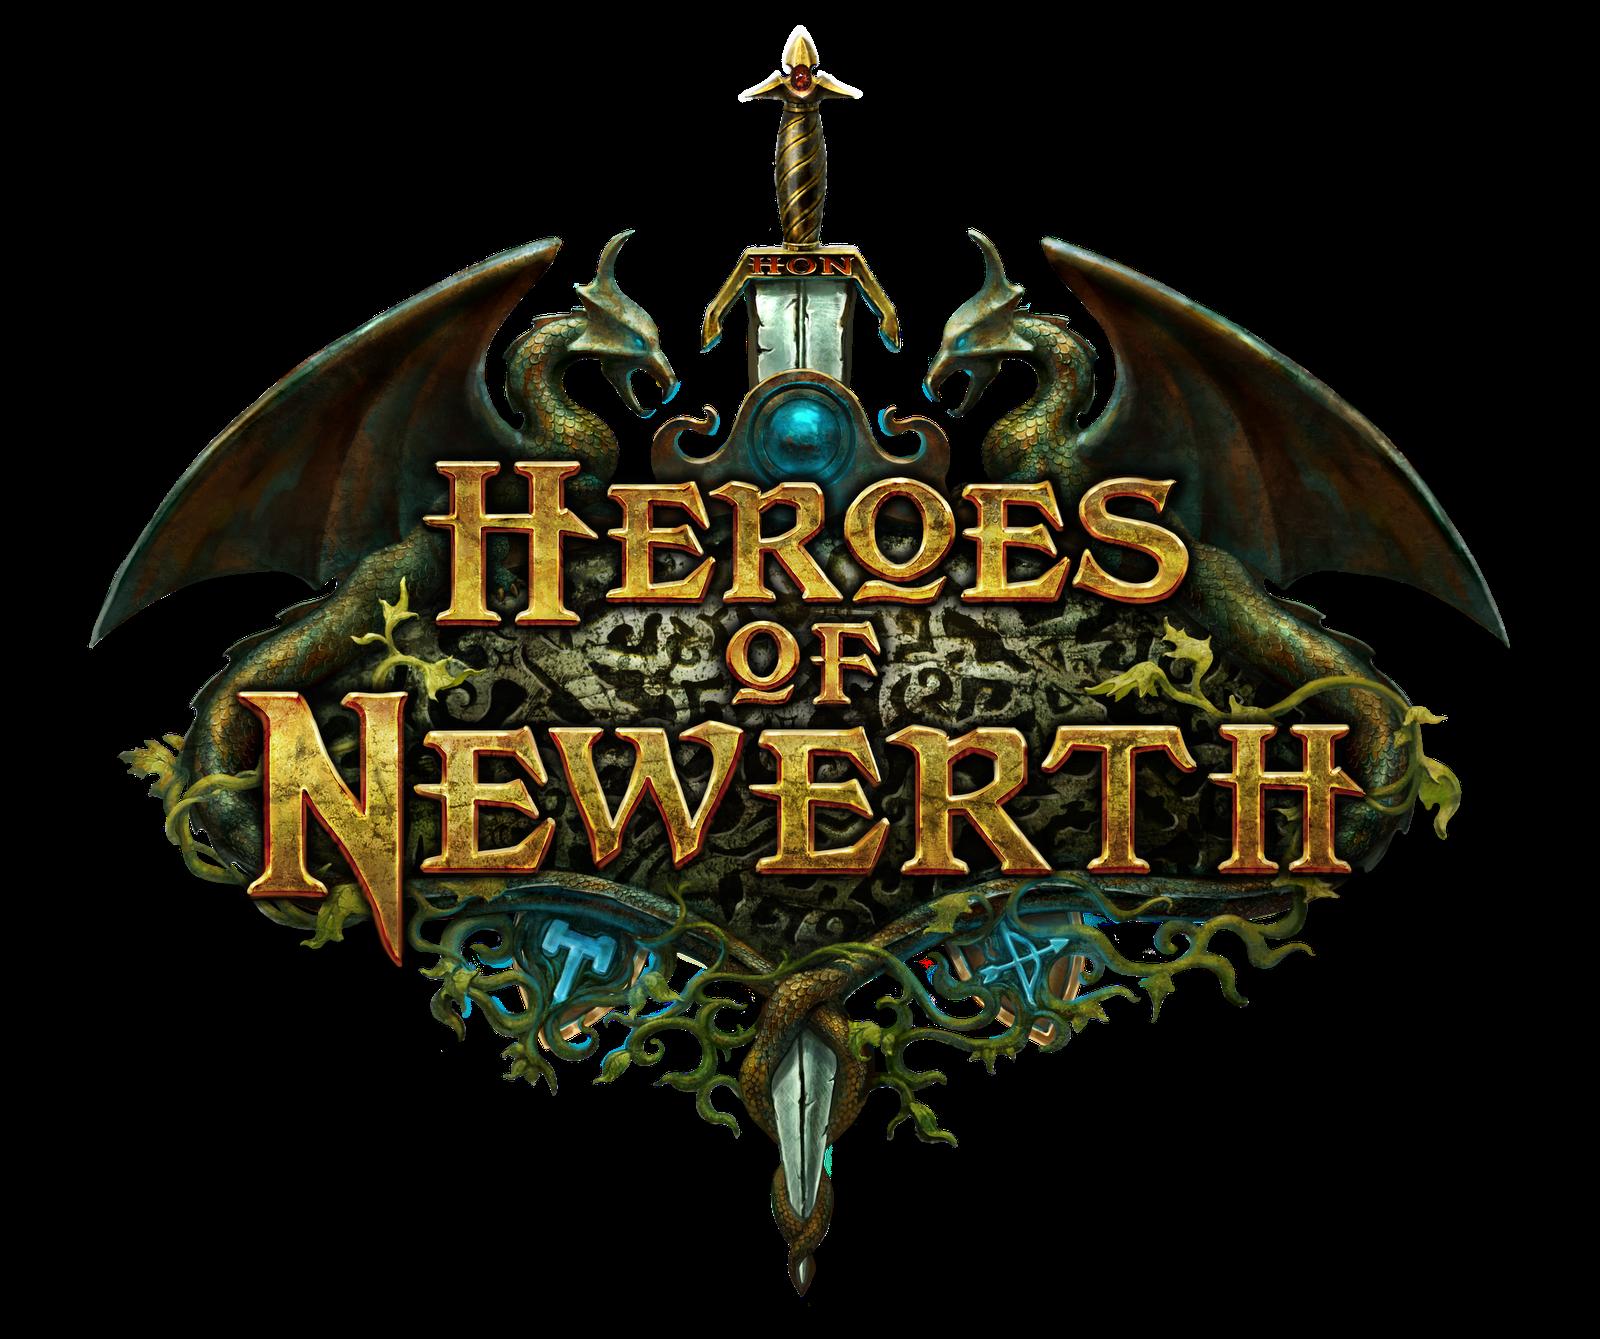 heroes_of_newerth